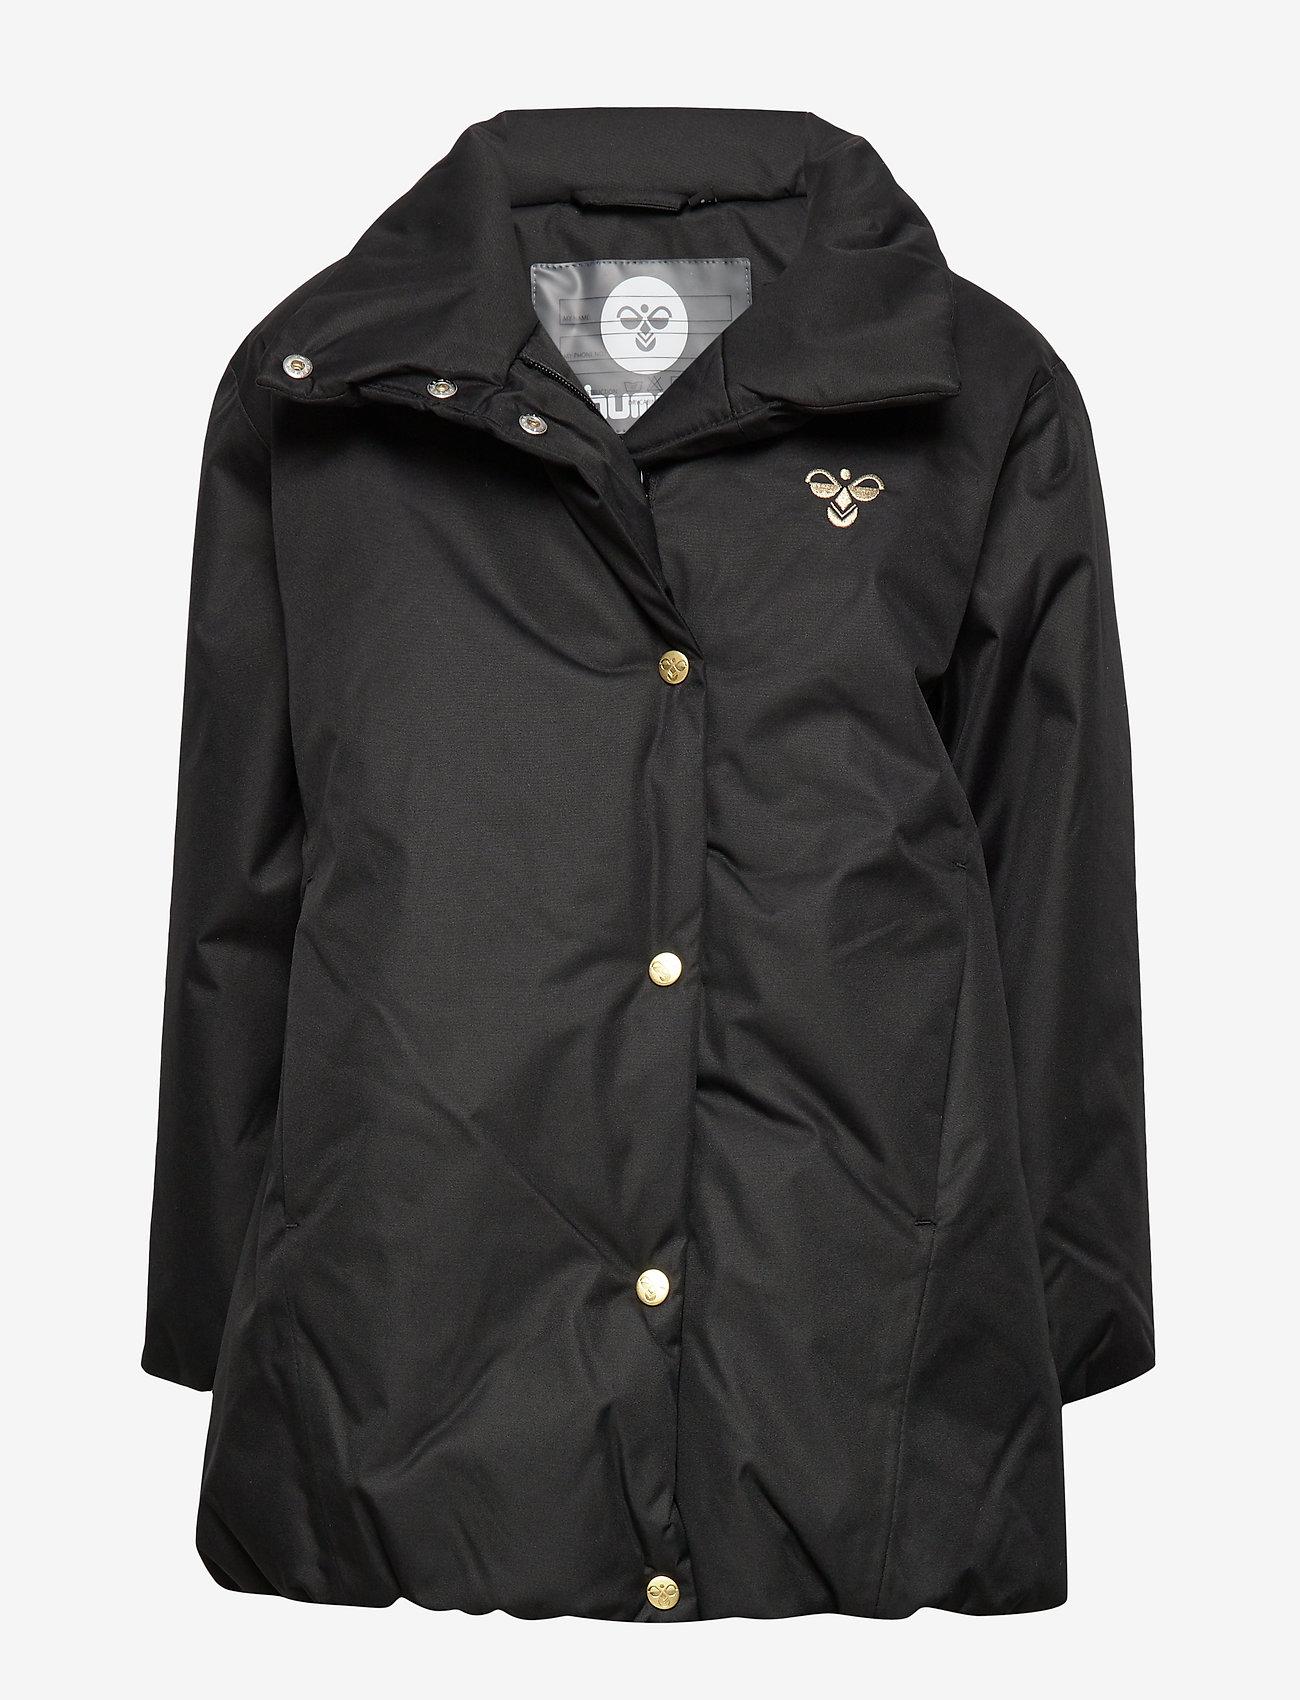 Hummel - hmlBIBI JACKET - insulated jackets - black - 0